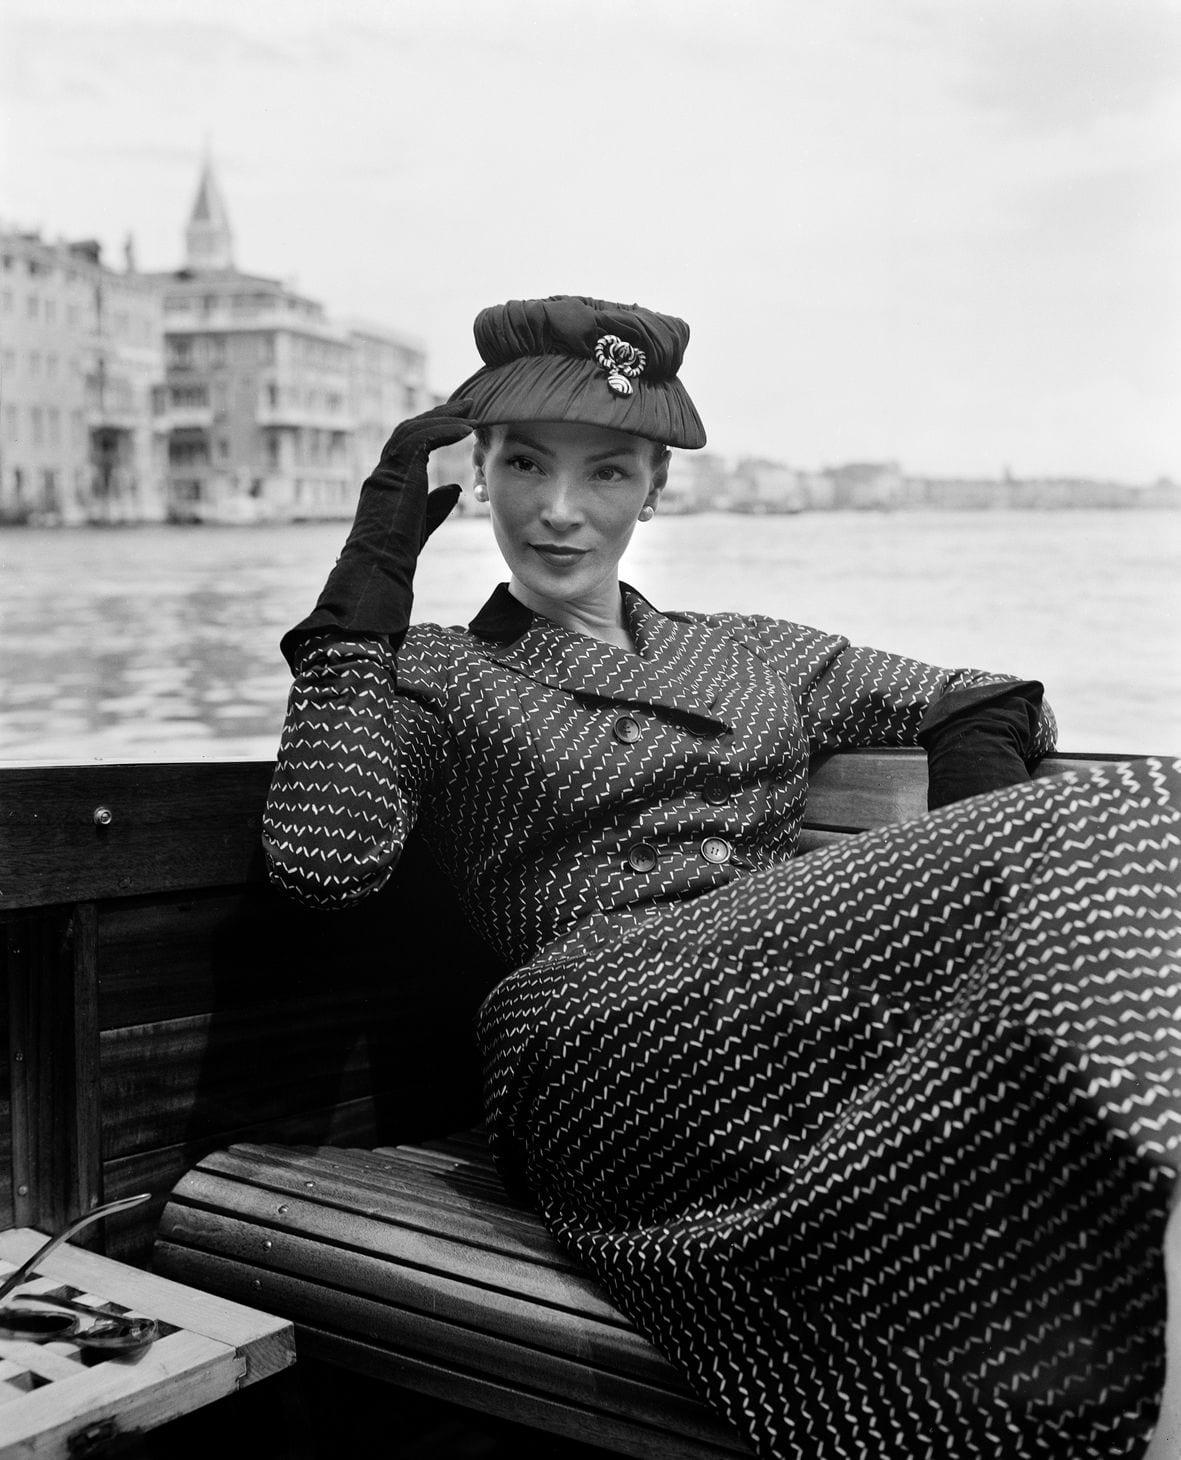 the latest 8b50f 17583 Venezia, anni '50 tra Dior ed eleganza. L'epoca rivive ...